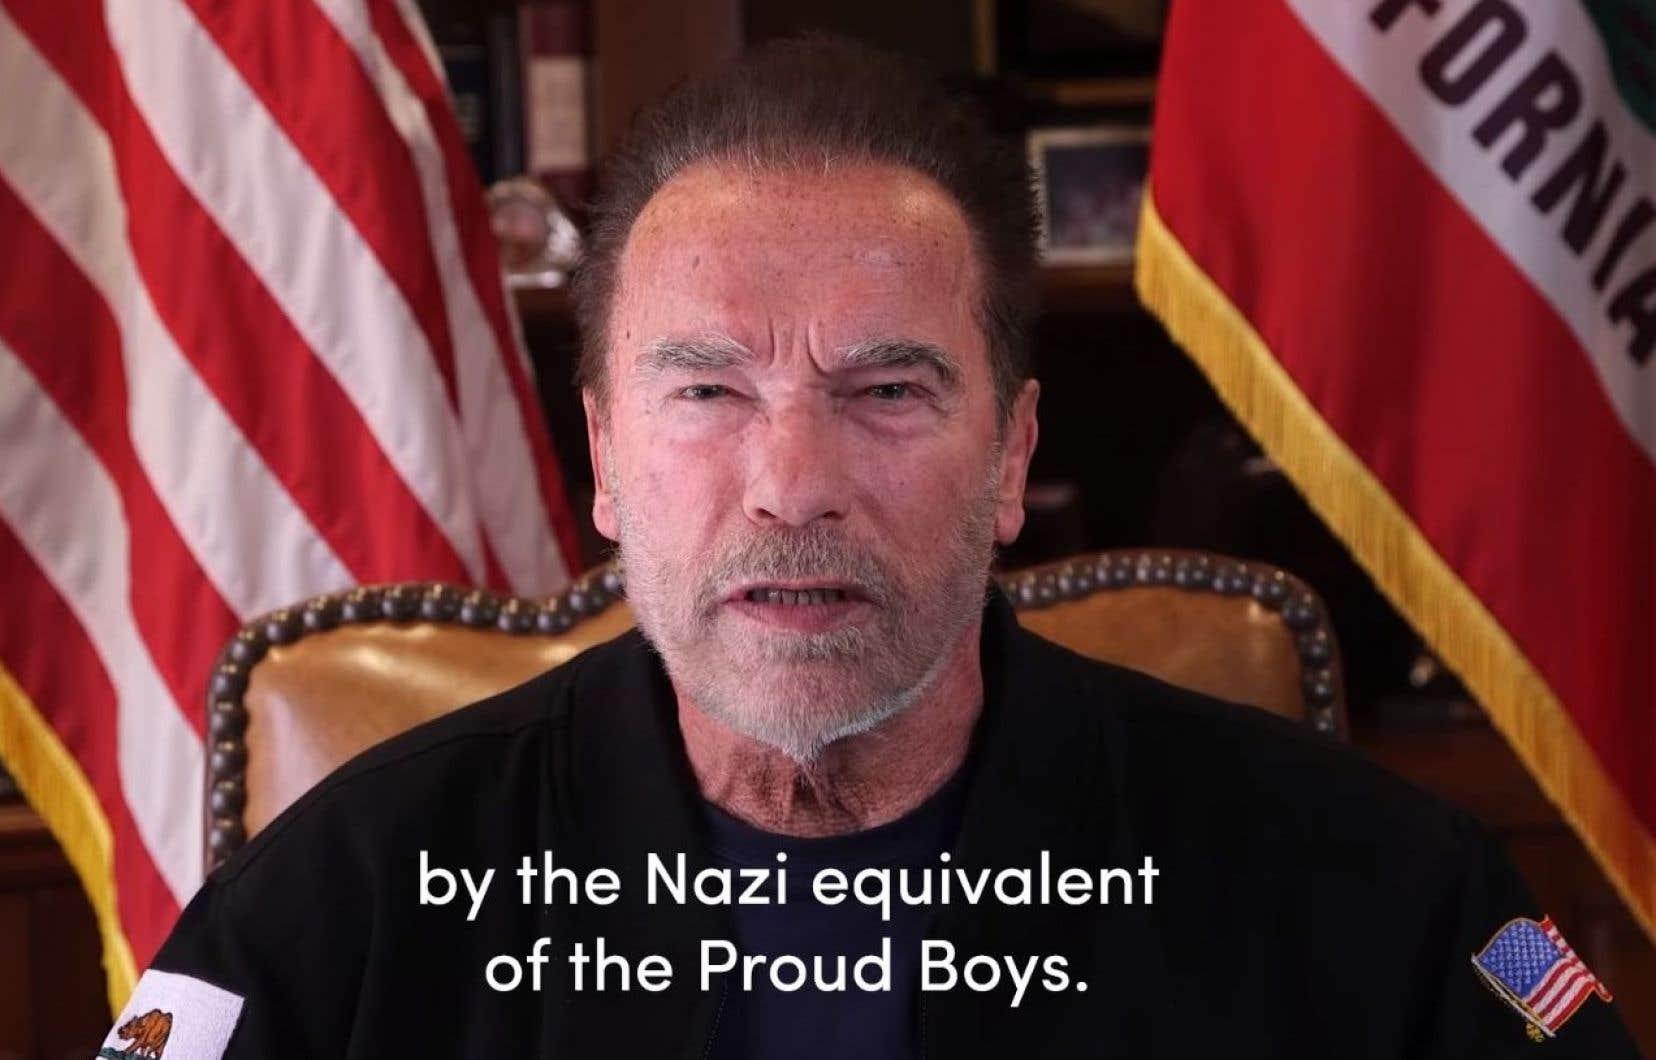 L'acteur a lancé un appel à l'unité aux Américains dans une vidéo publiée sur ses réseaux sociaux.